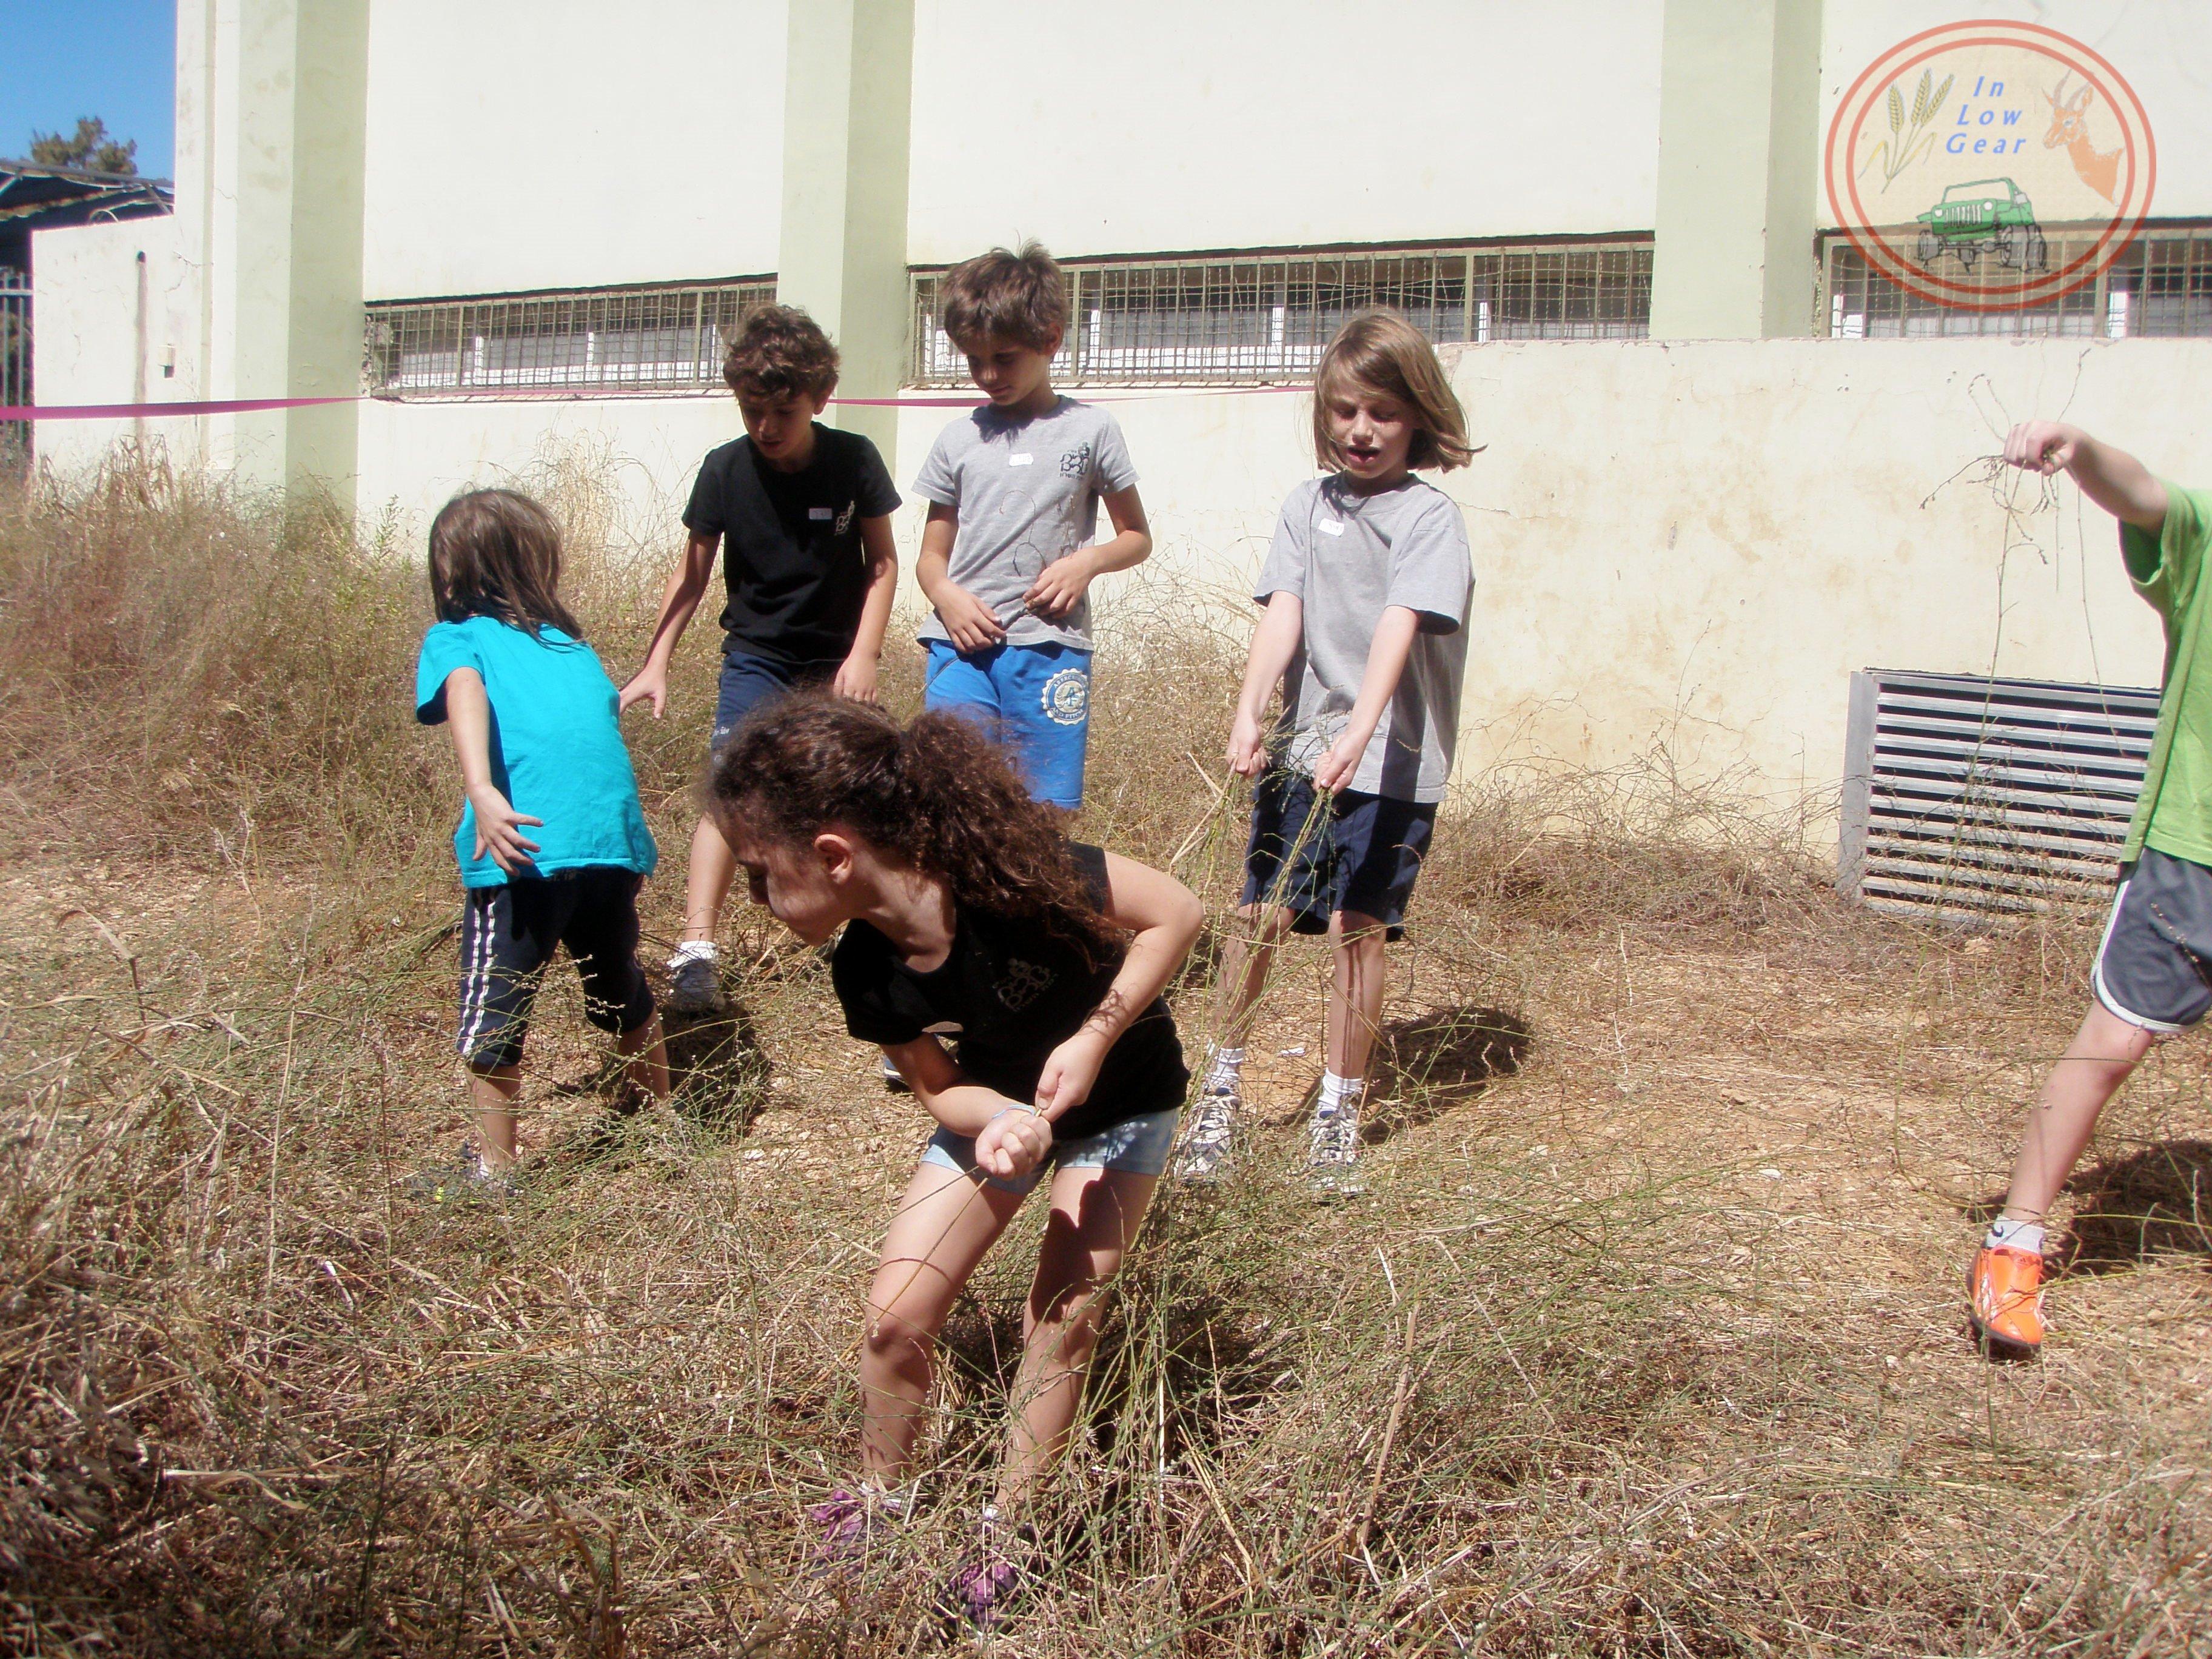 פרמקלצ'ר לילדים: מקבלים את תחושת האדמה והעשבייה